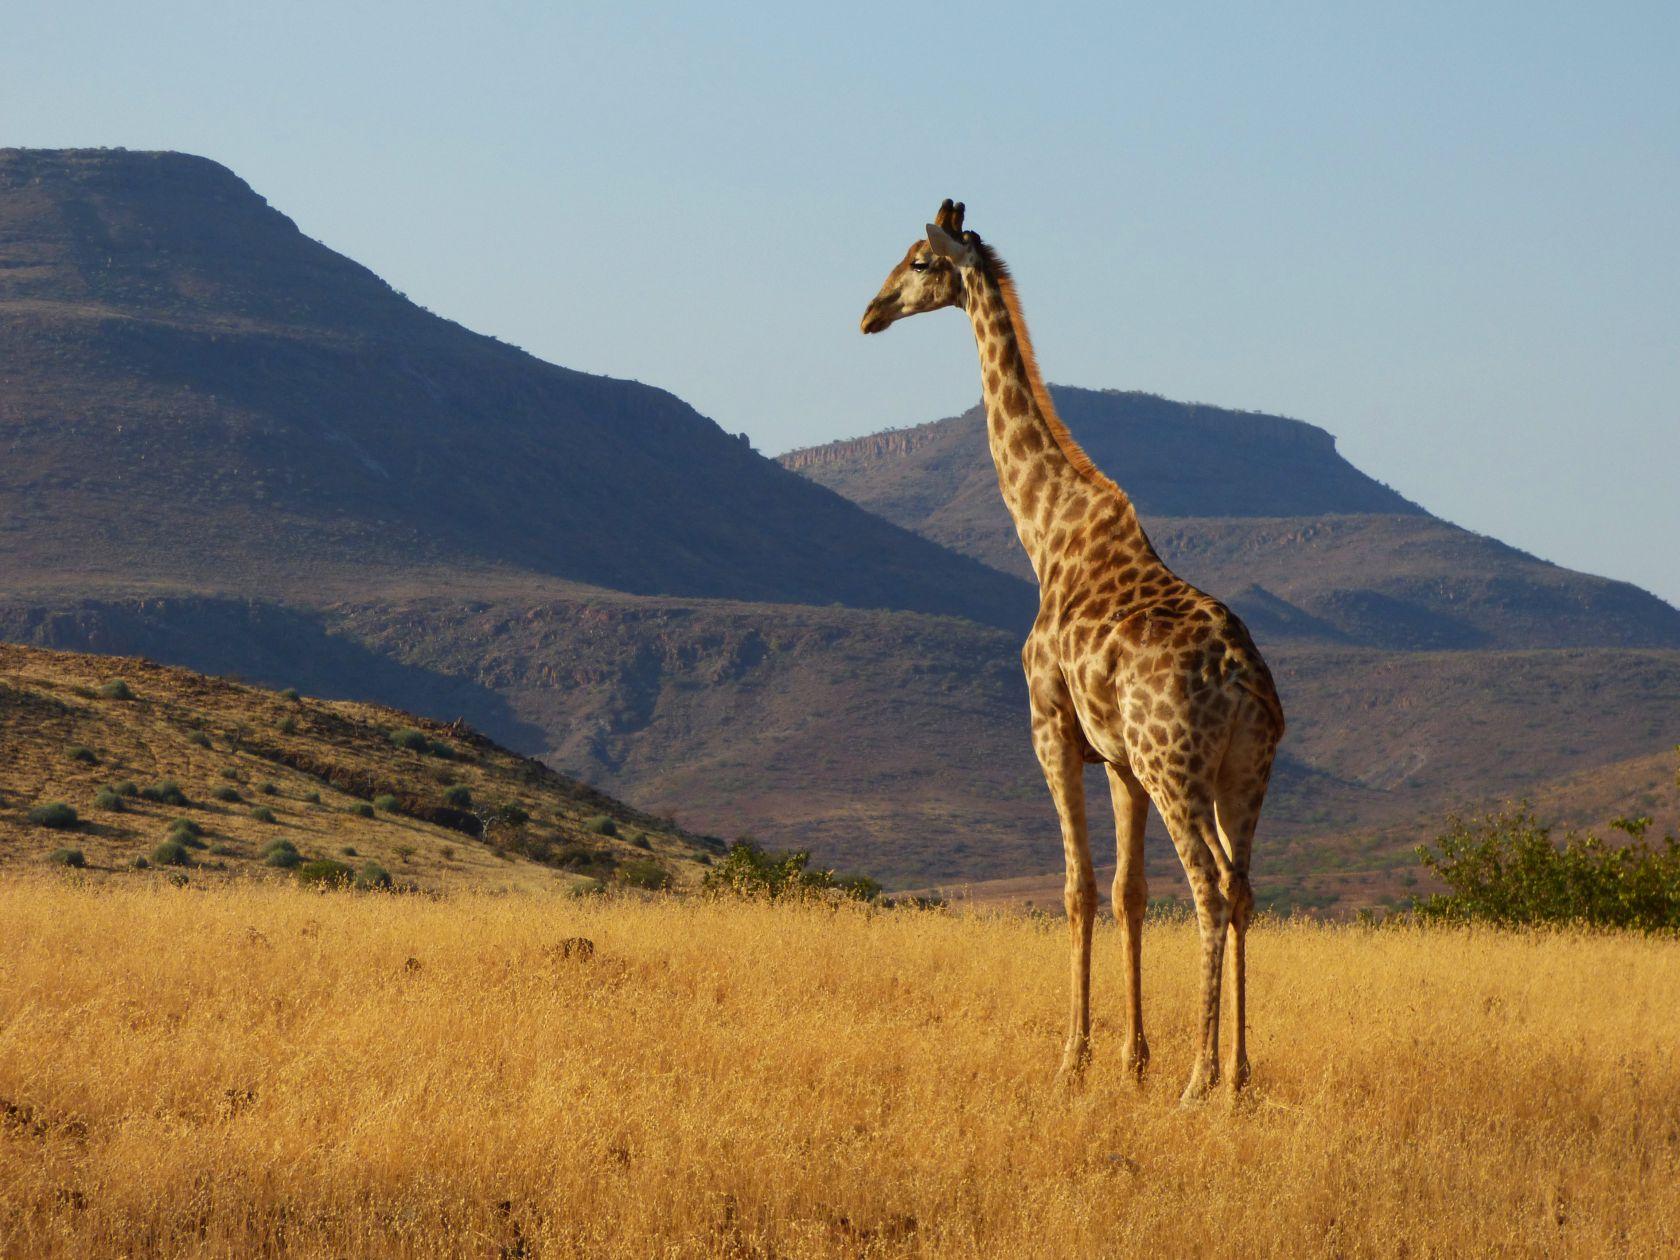 Giraffe sieht über die Berge von Etendeka